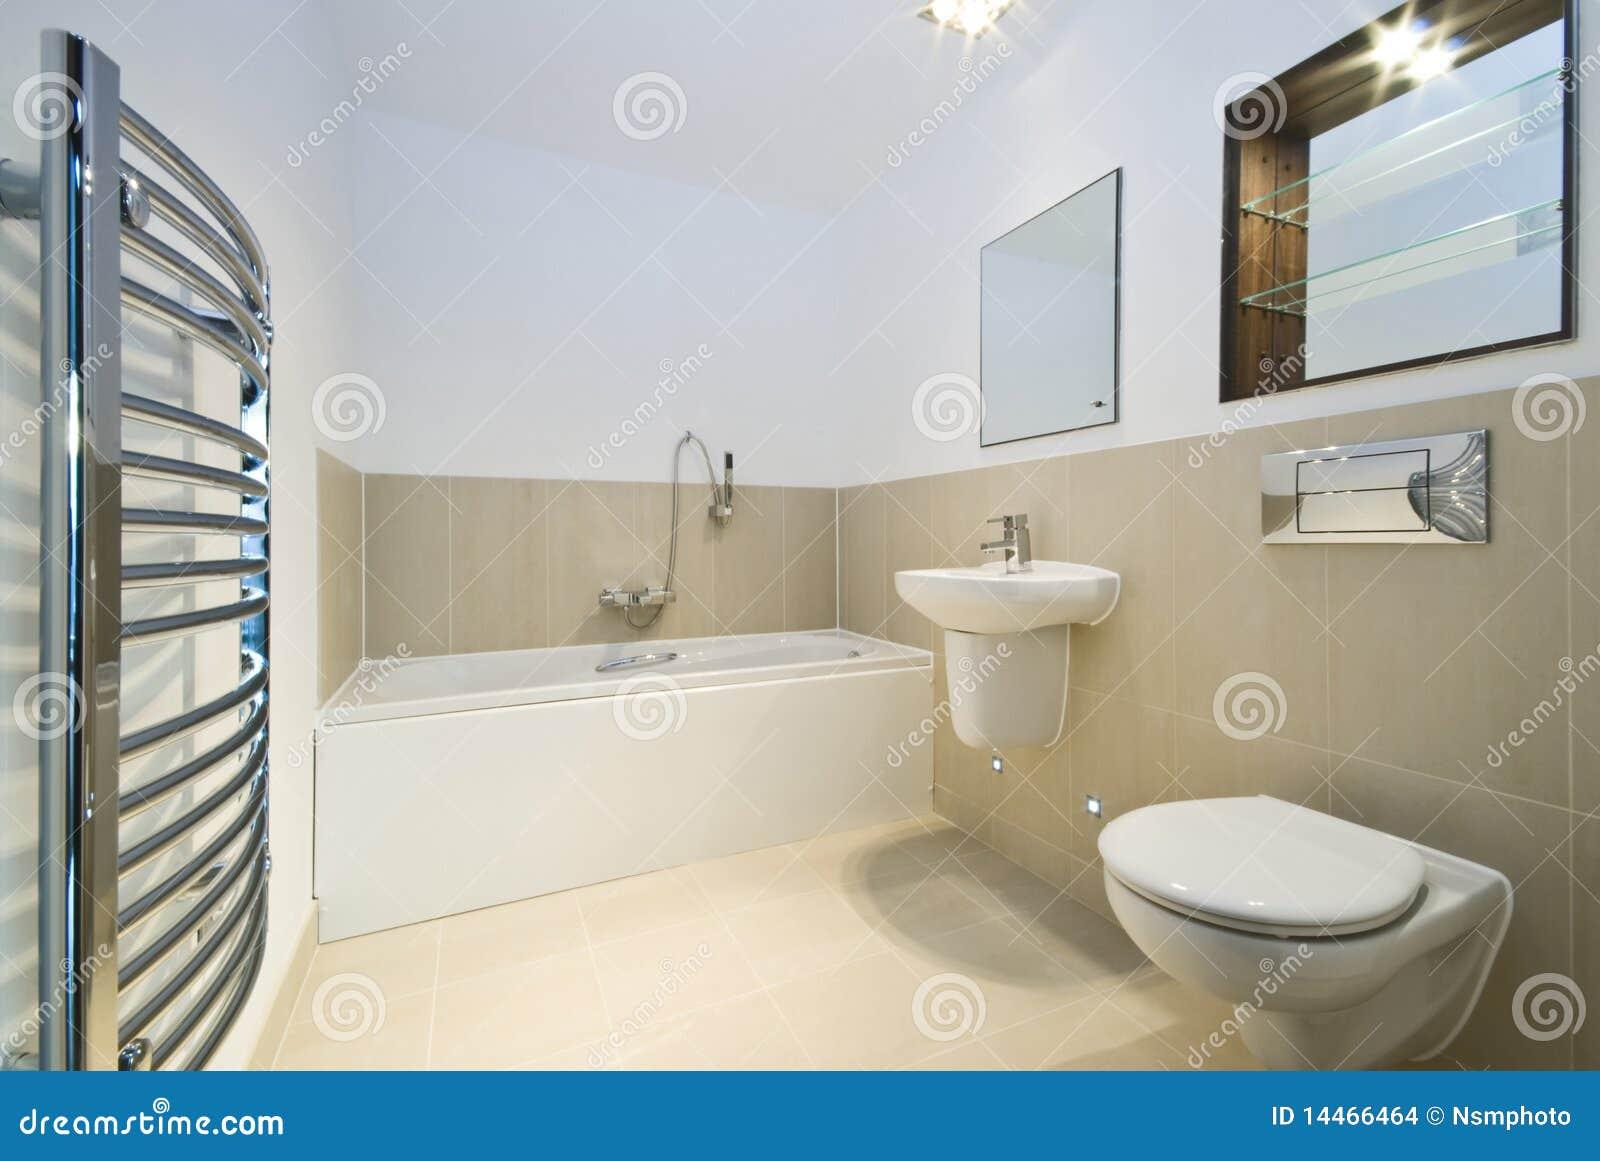 Moderne badkamers met beige betegelde muren stock afbeeldingen afbeelding 14466464 - Bruine en beige badkamer ...